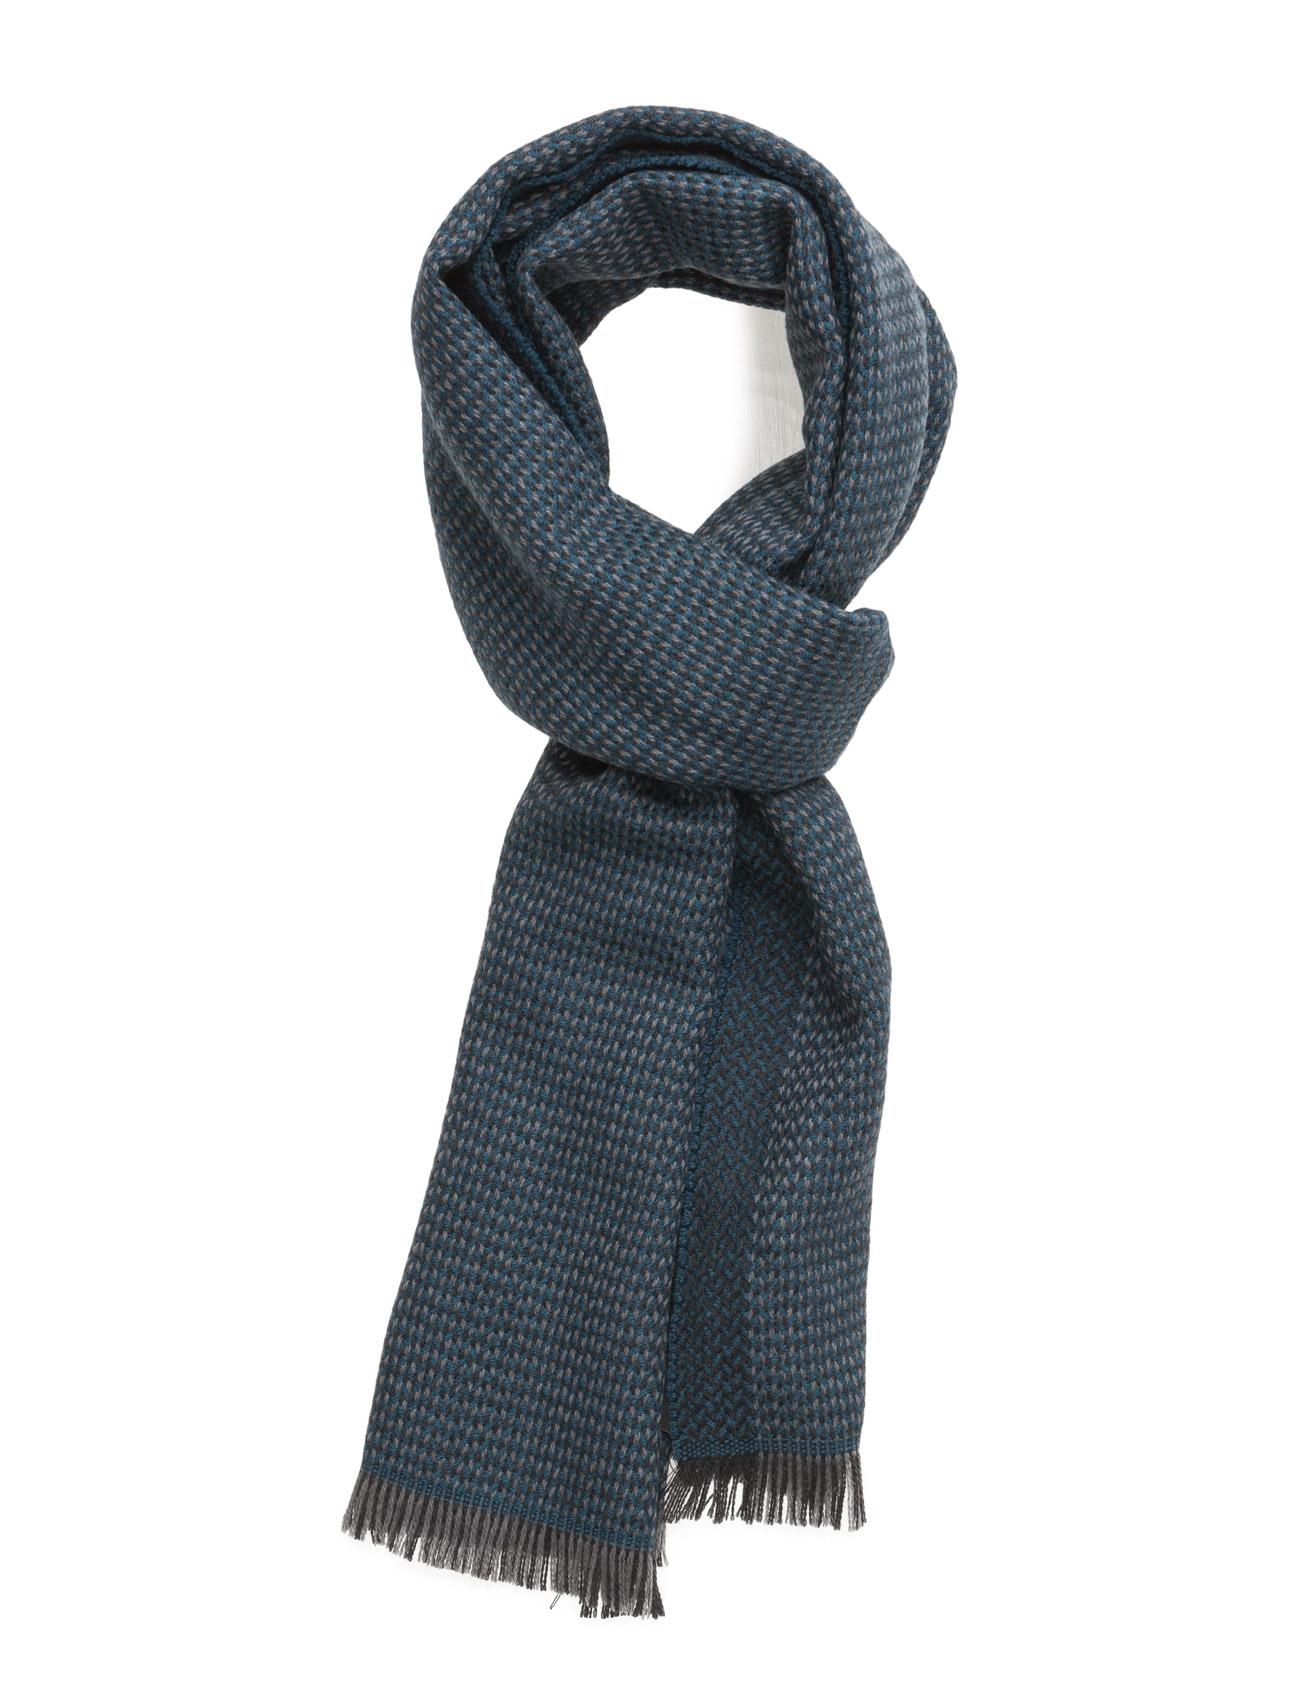 Mjm Scarf Firenze 100 % Lambswool Light Blue MJM Halstørklæder til Mænd i Lyseblå